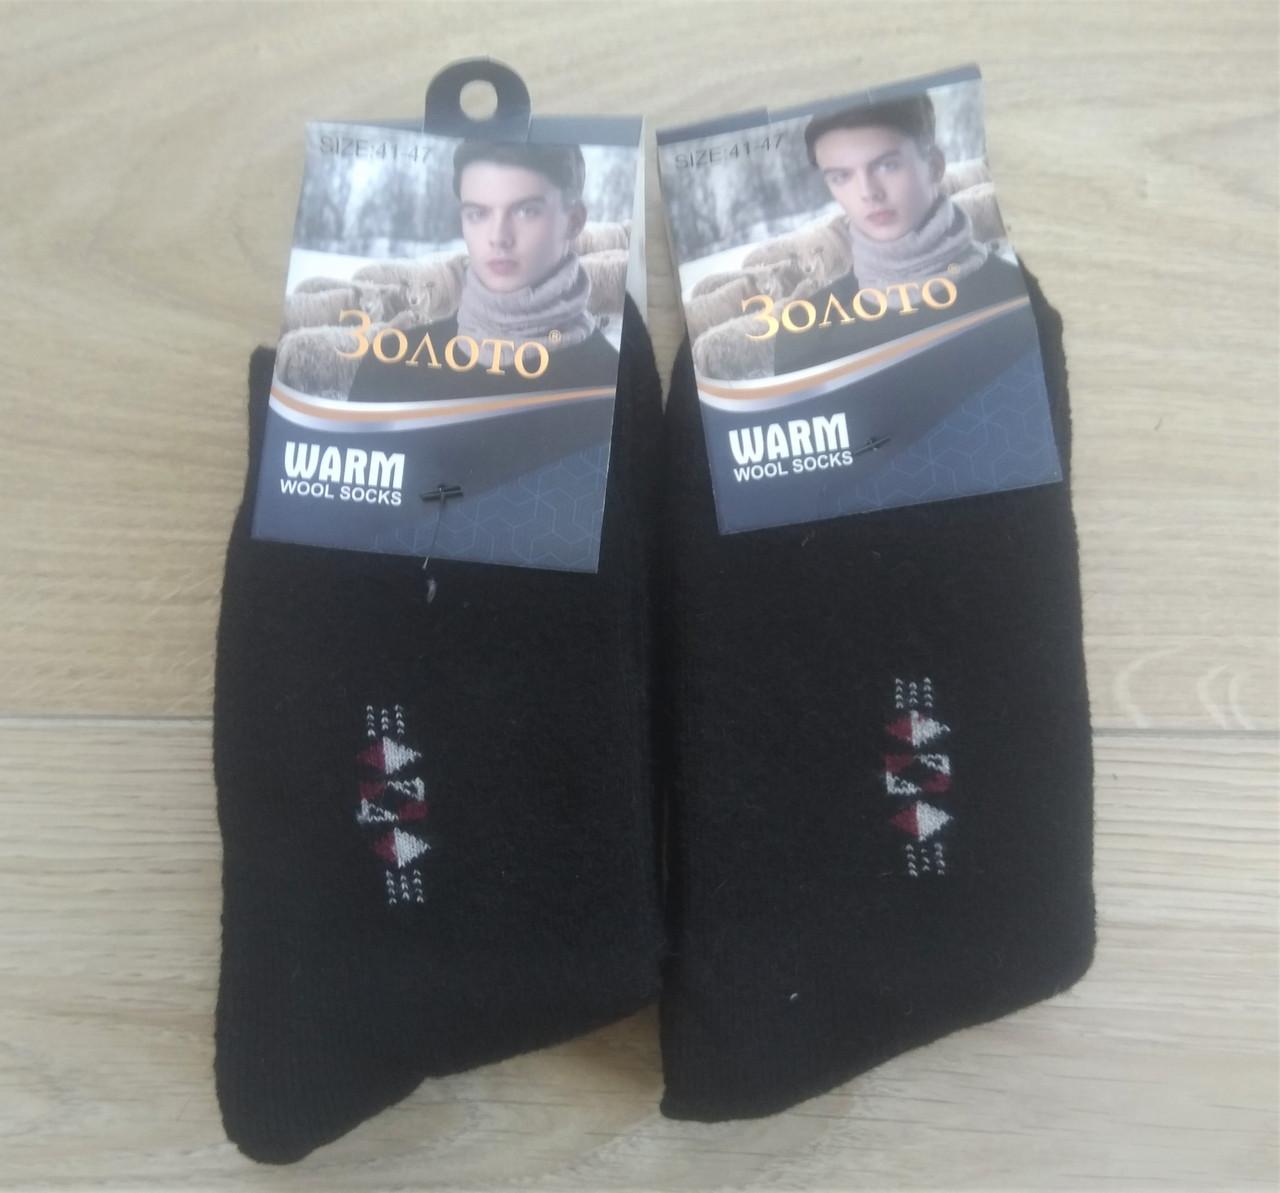 Мужские носки Золото зимние высокие шерстяные 41-47 черные